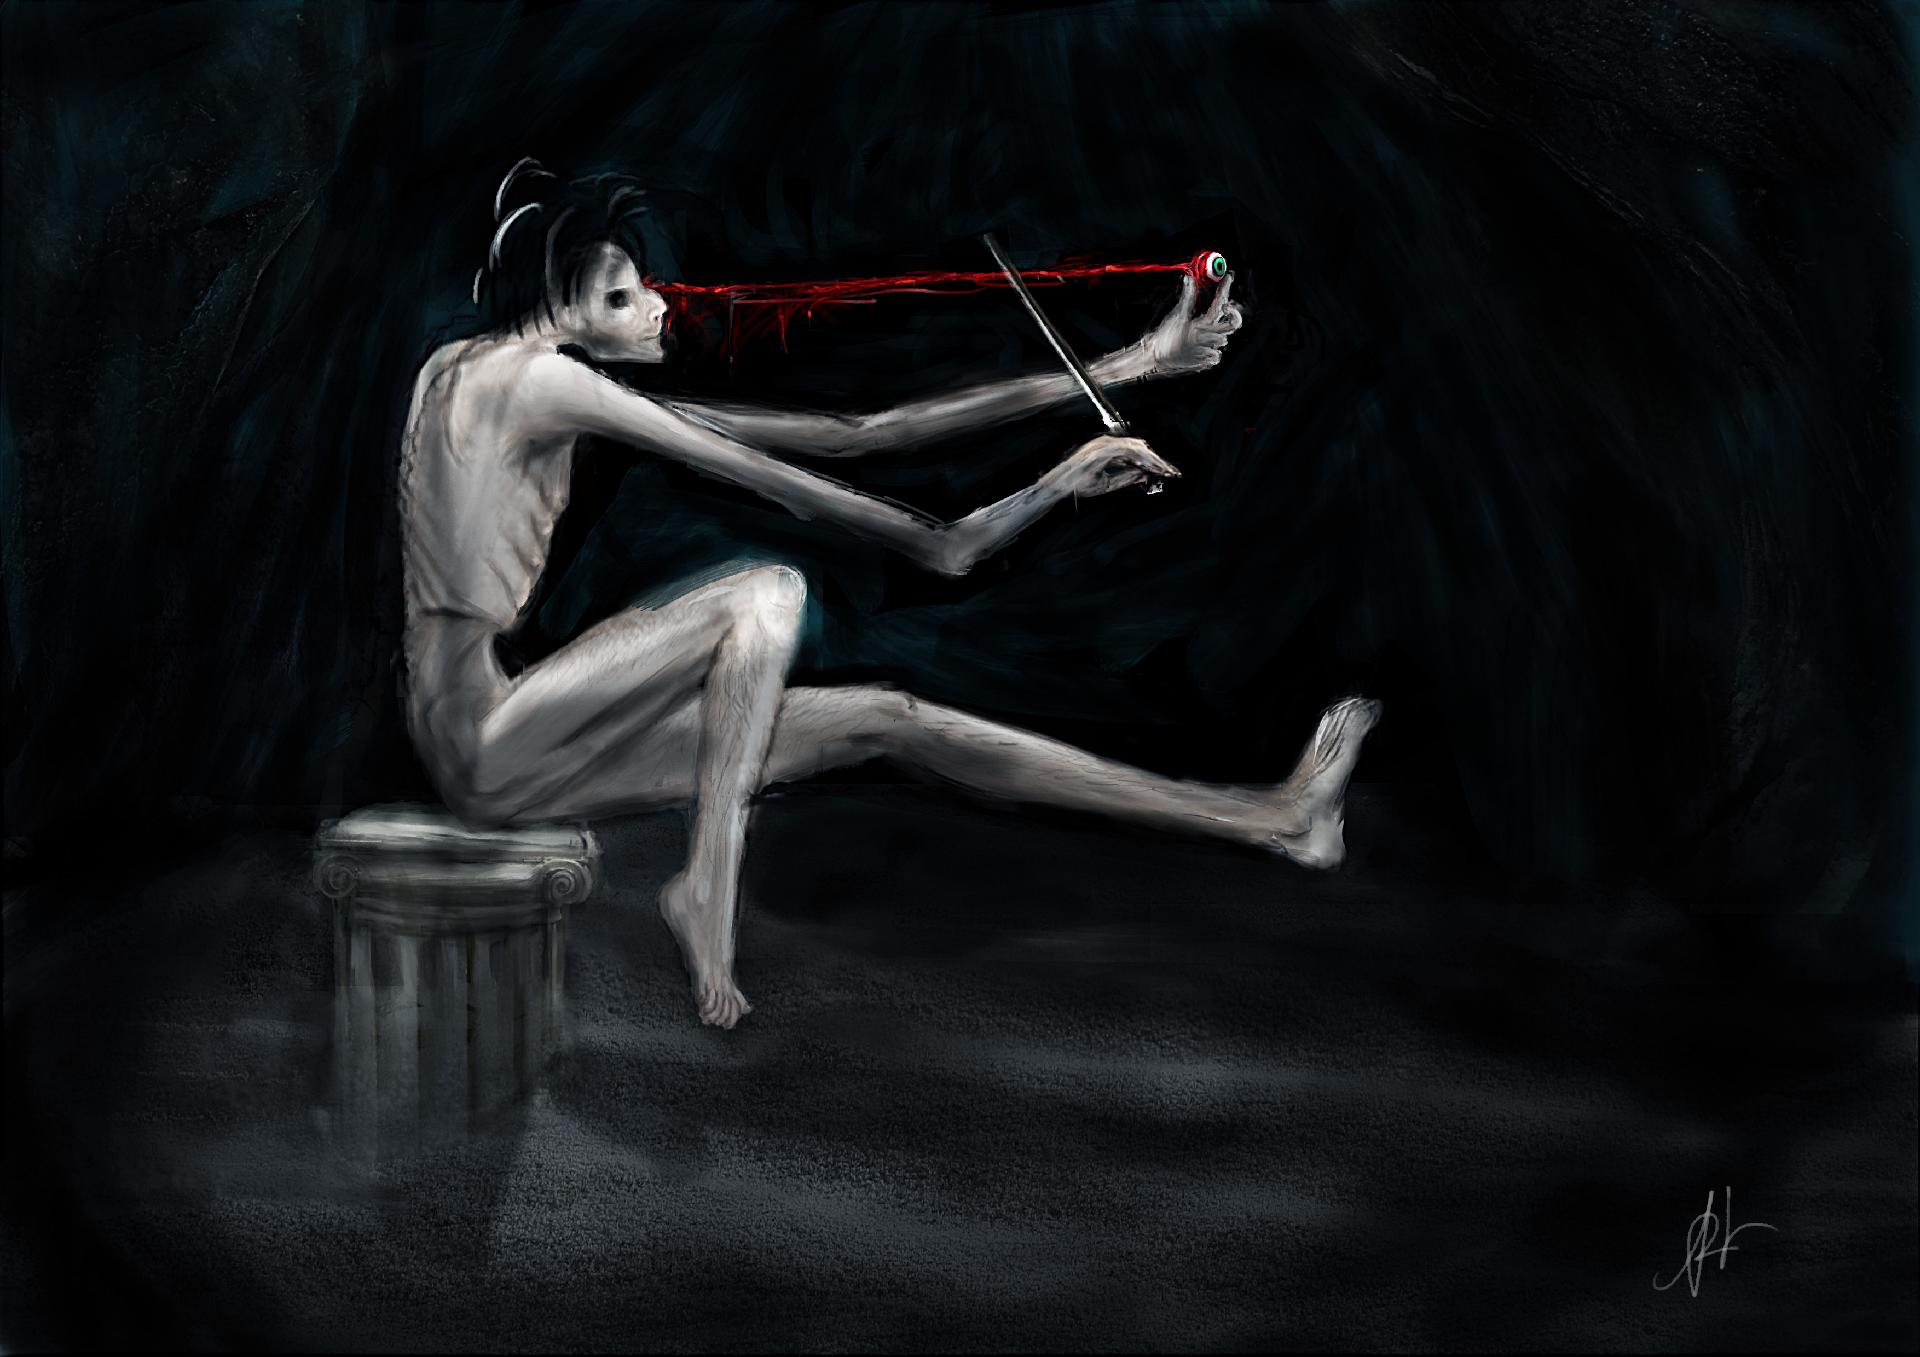 Darkly Done Art